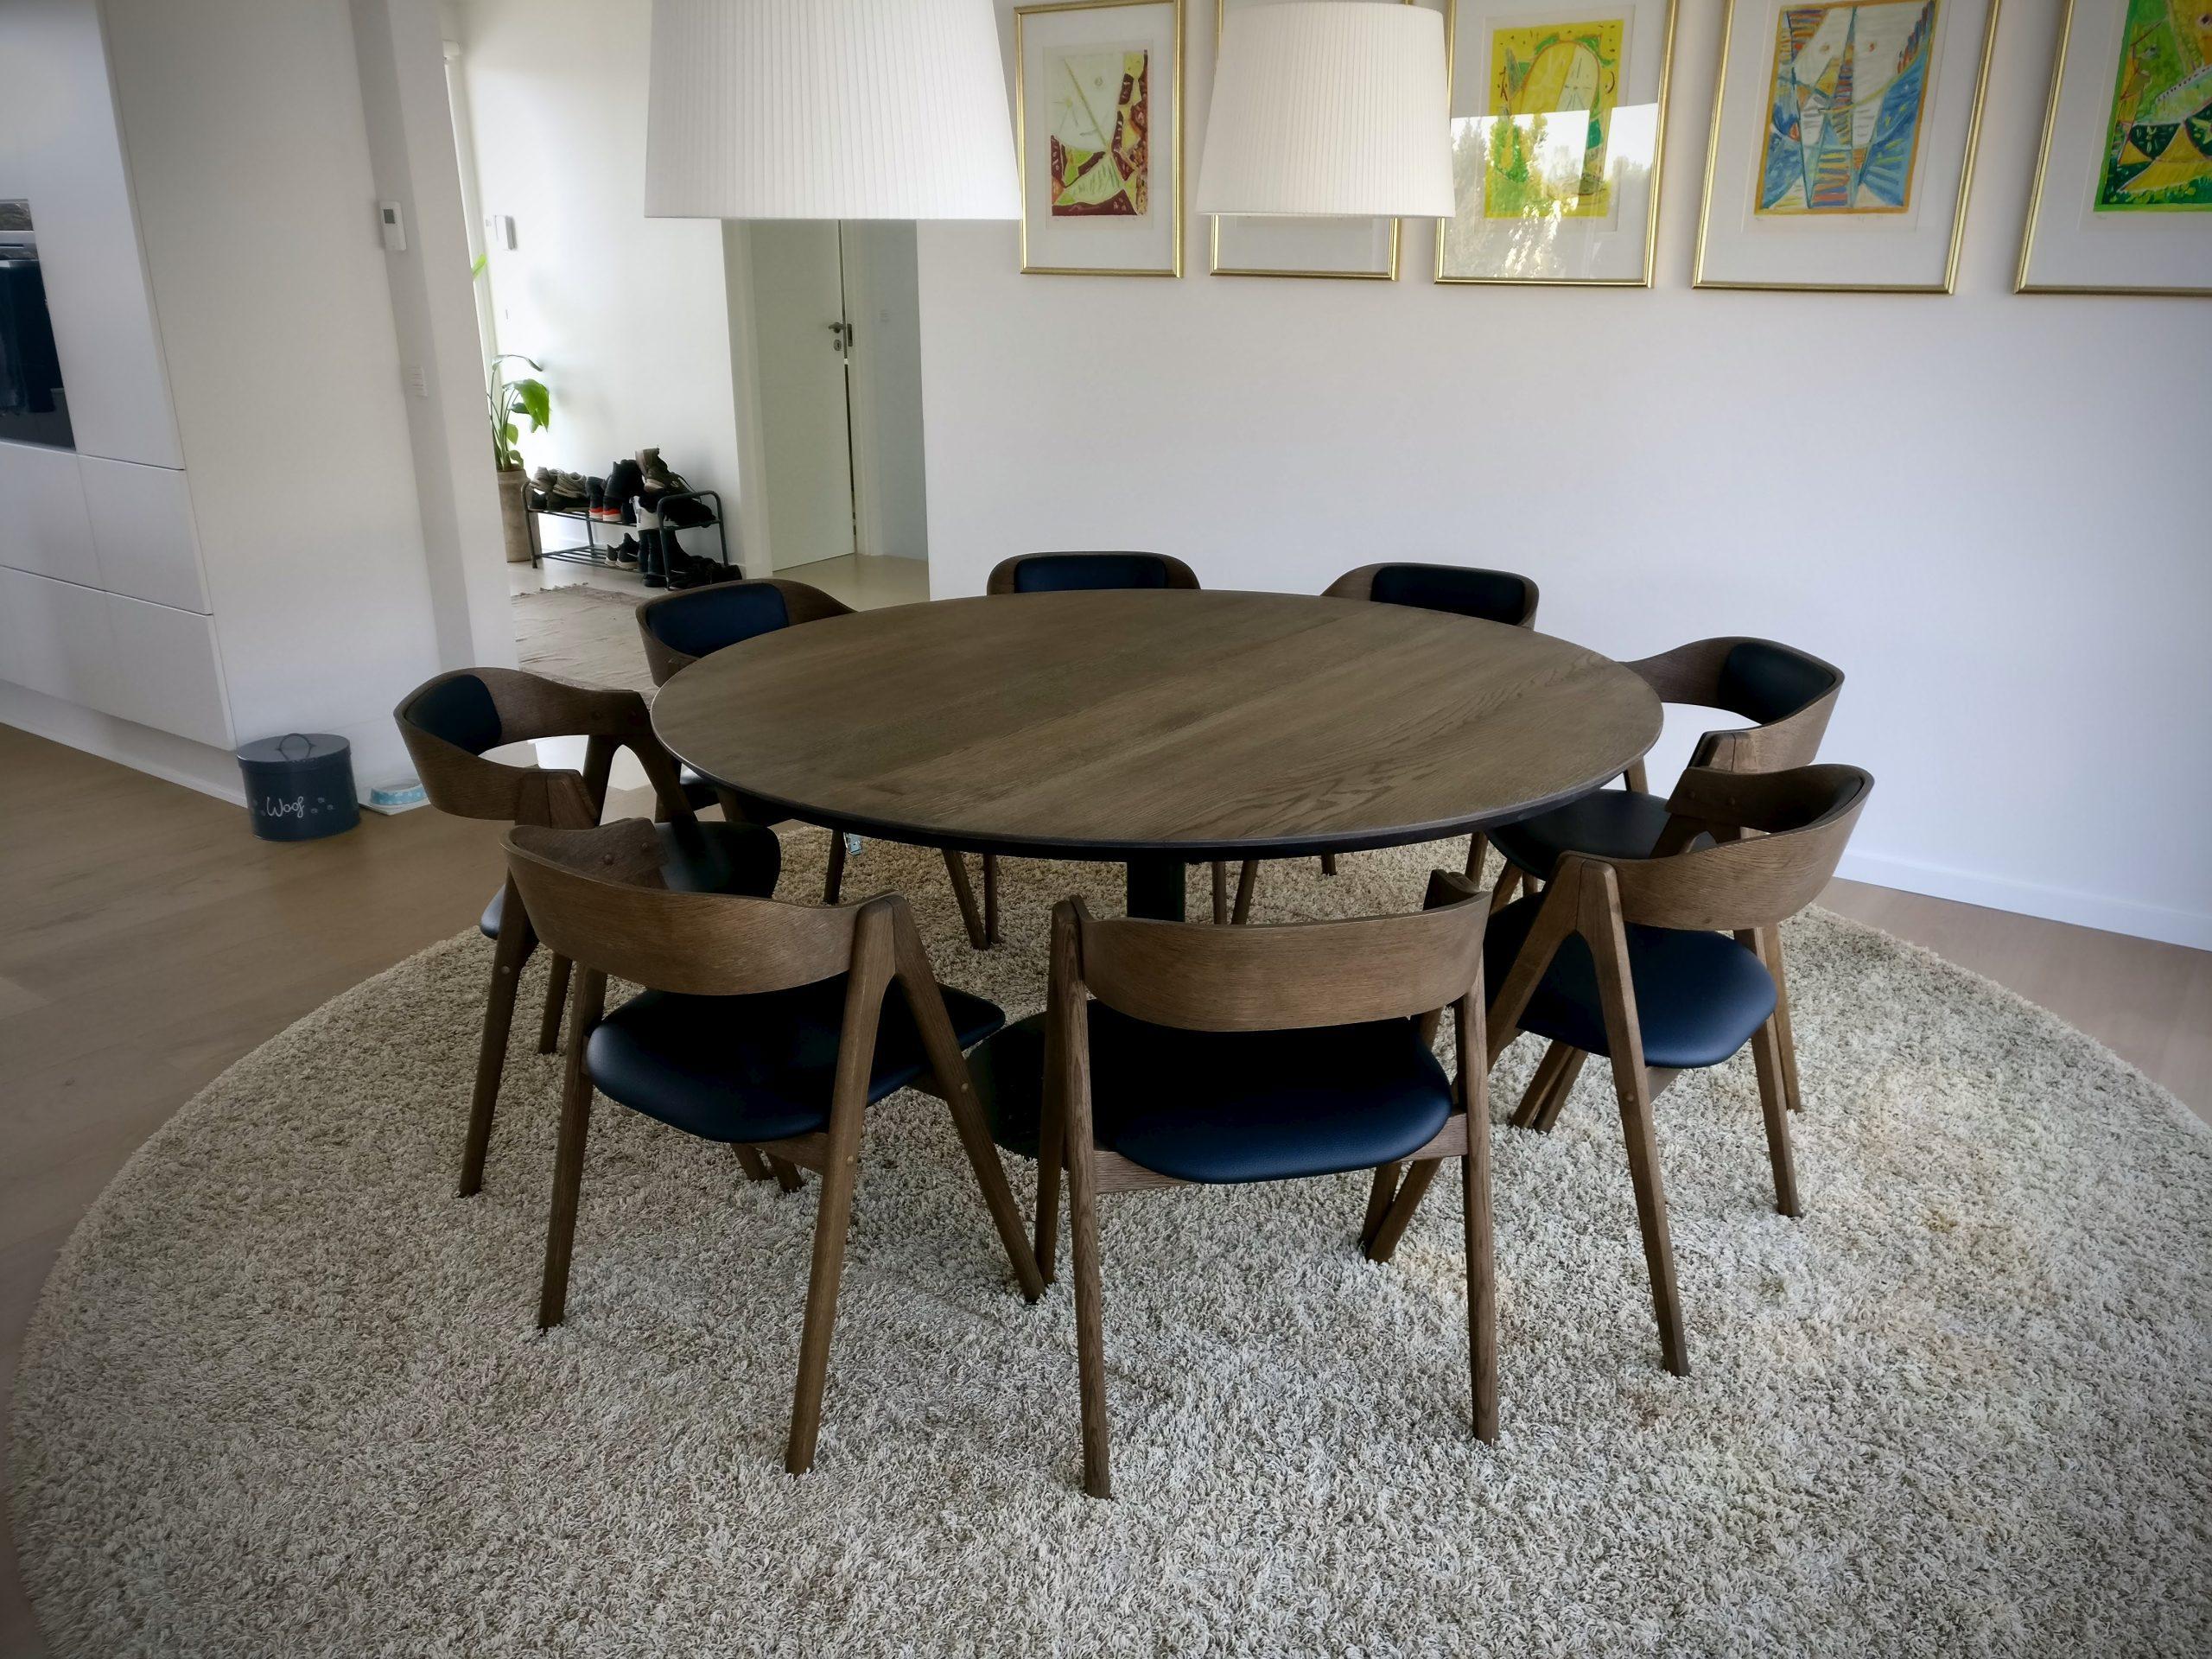 Rundt plankebord i egetrae kaerbygaard 2021 med udtryk og 2 tillaegsplader inkl mette spisebordsstole 2 scaled